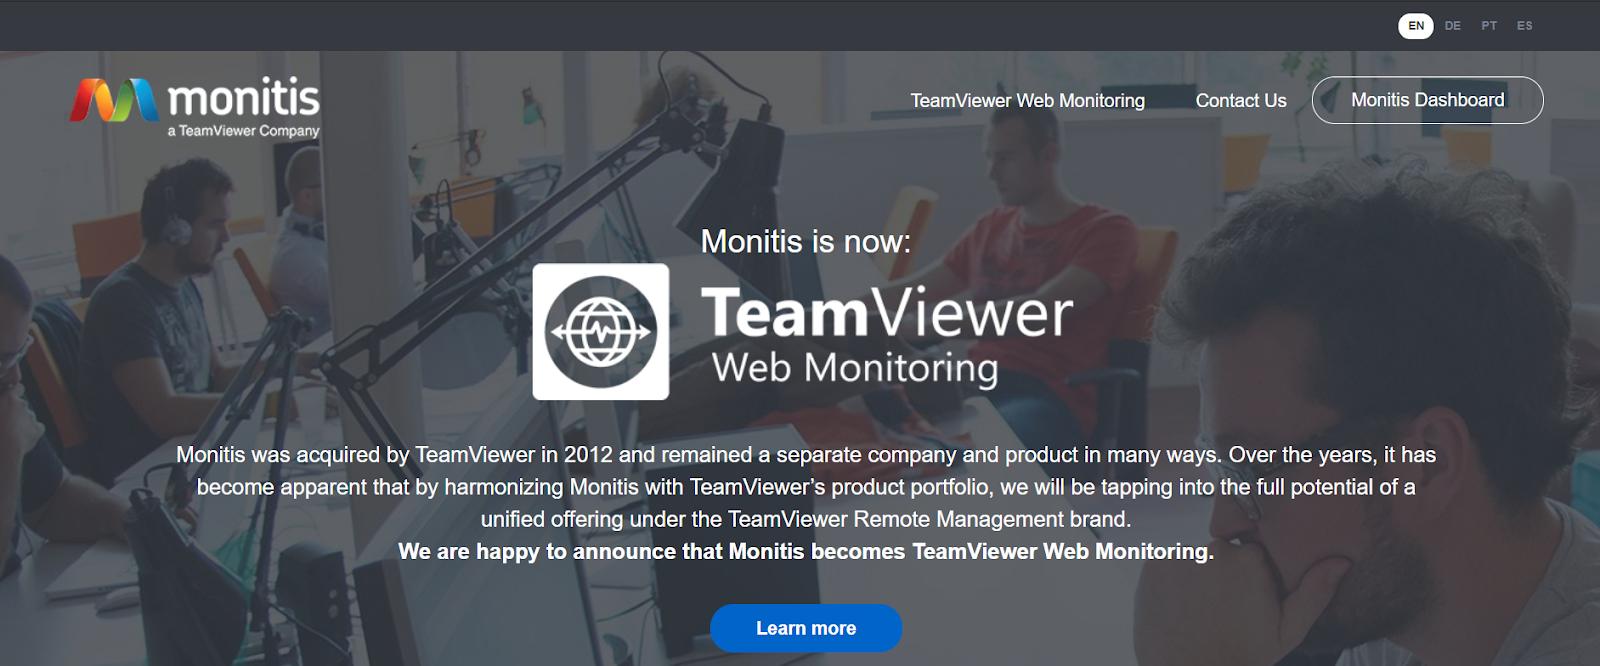 Monitis Server monitoring software